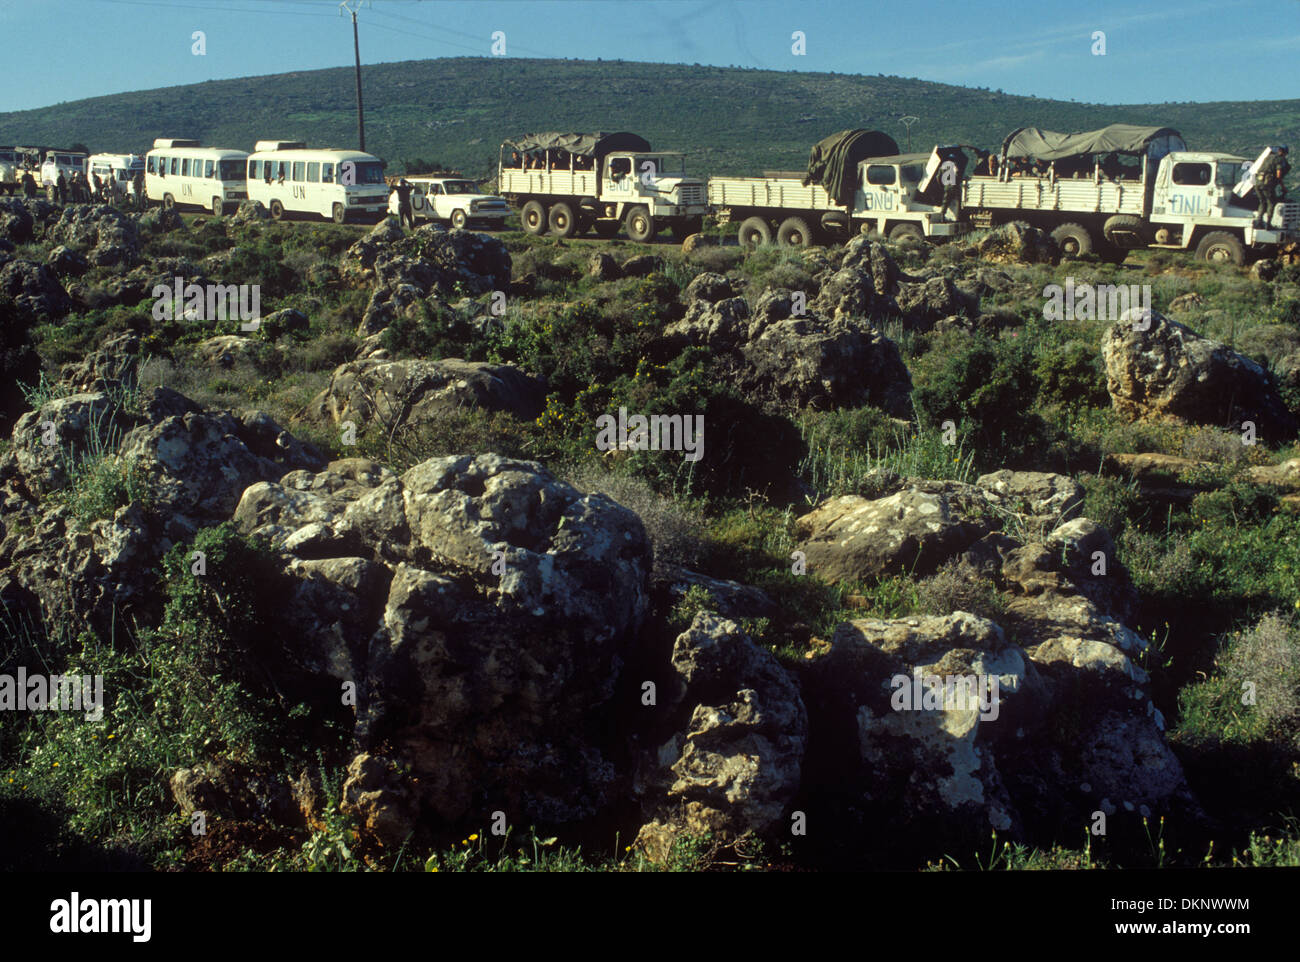 Irische UN, UN-Truppen herausziehen des Südlibanon 1980. HOMER SYKES Stockbild